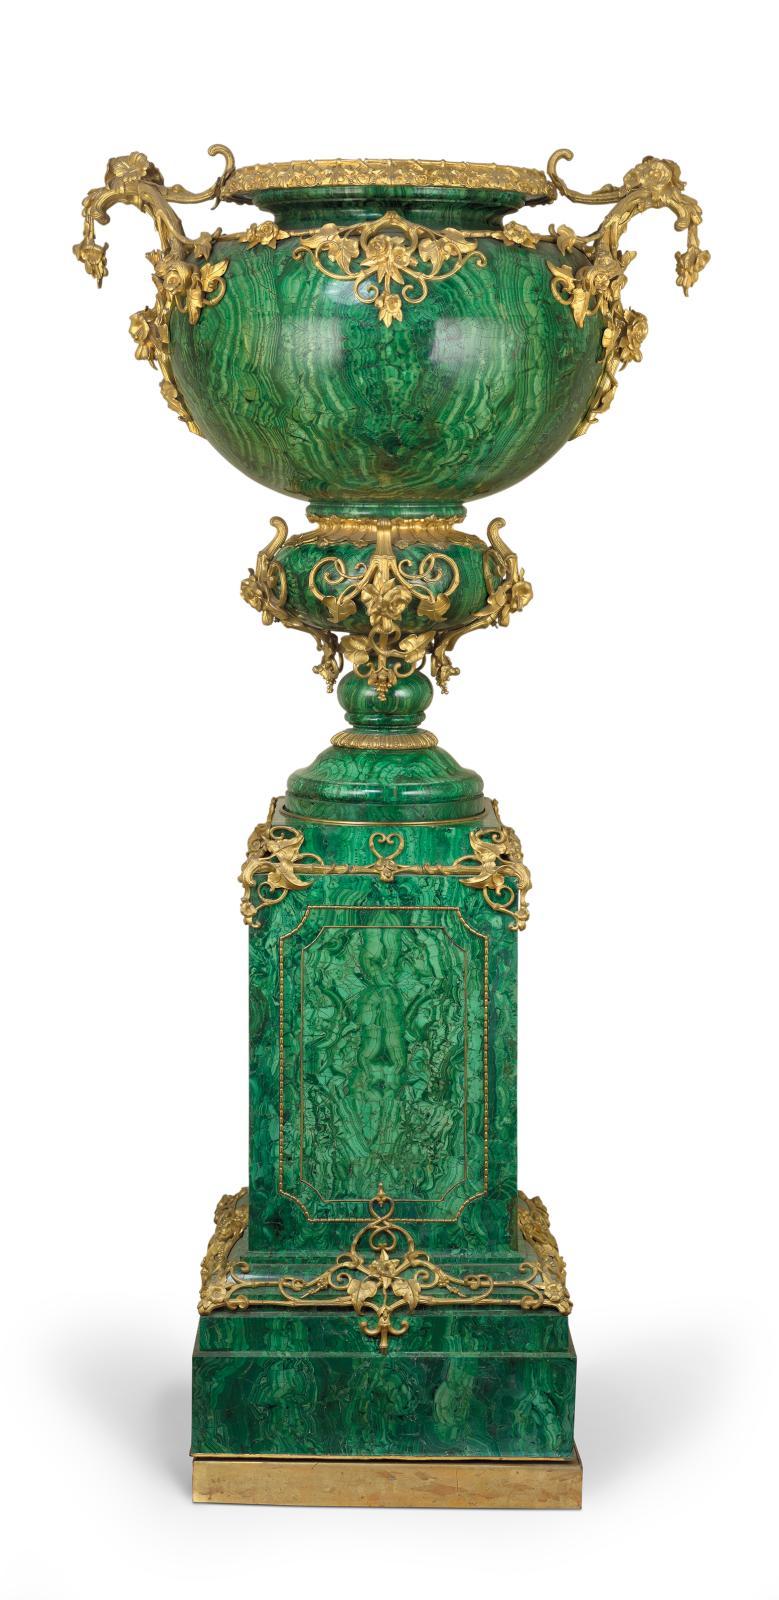 Vase et piédestal, 220x100x79cm, vers 1850, Davidoff, Saint-Pétersbourg, malachite et bronze doré. Achat de la reine Victoria et du prince Albert